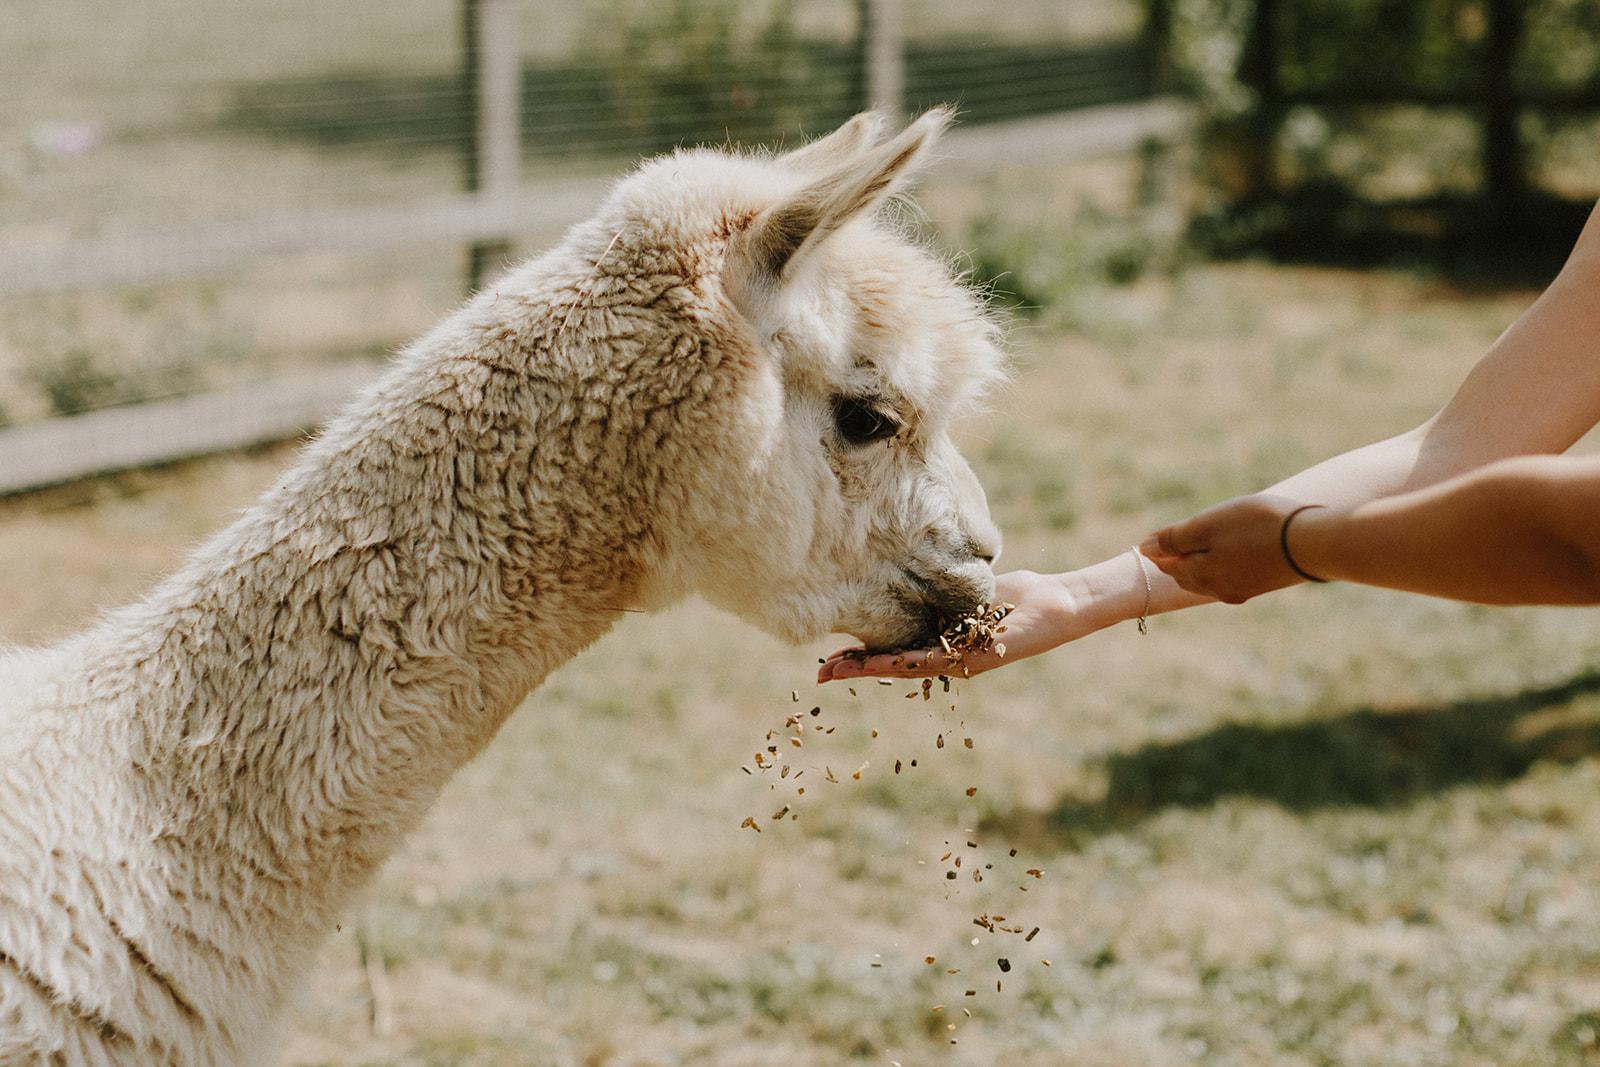 Wedding guest feeding Alpaca